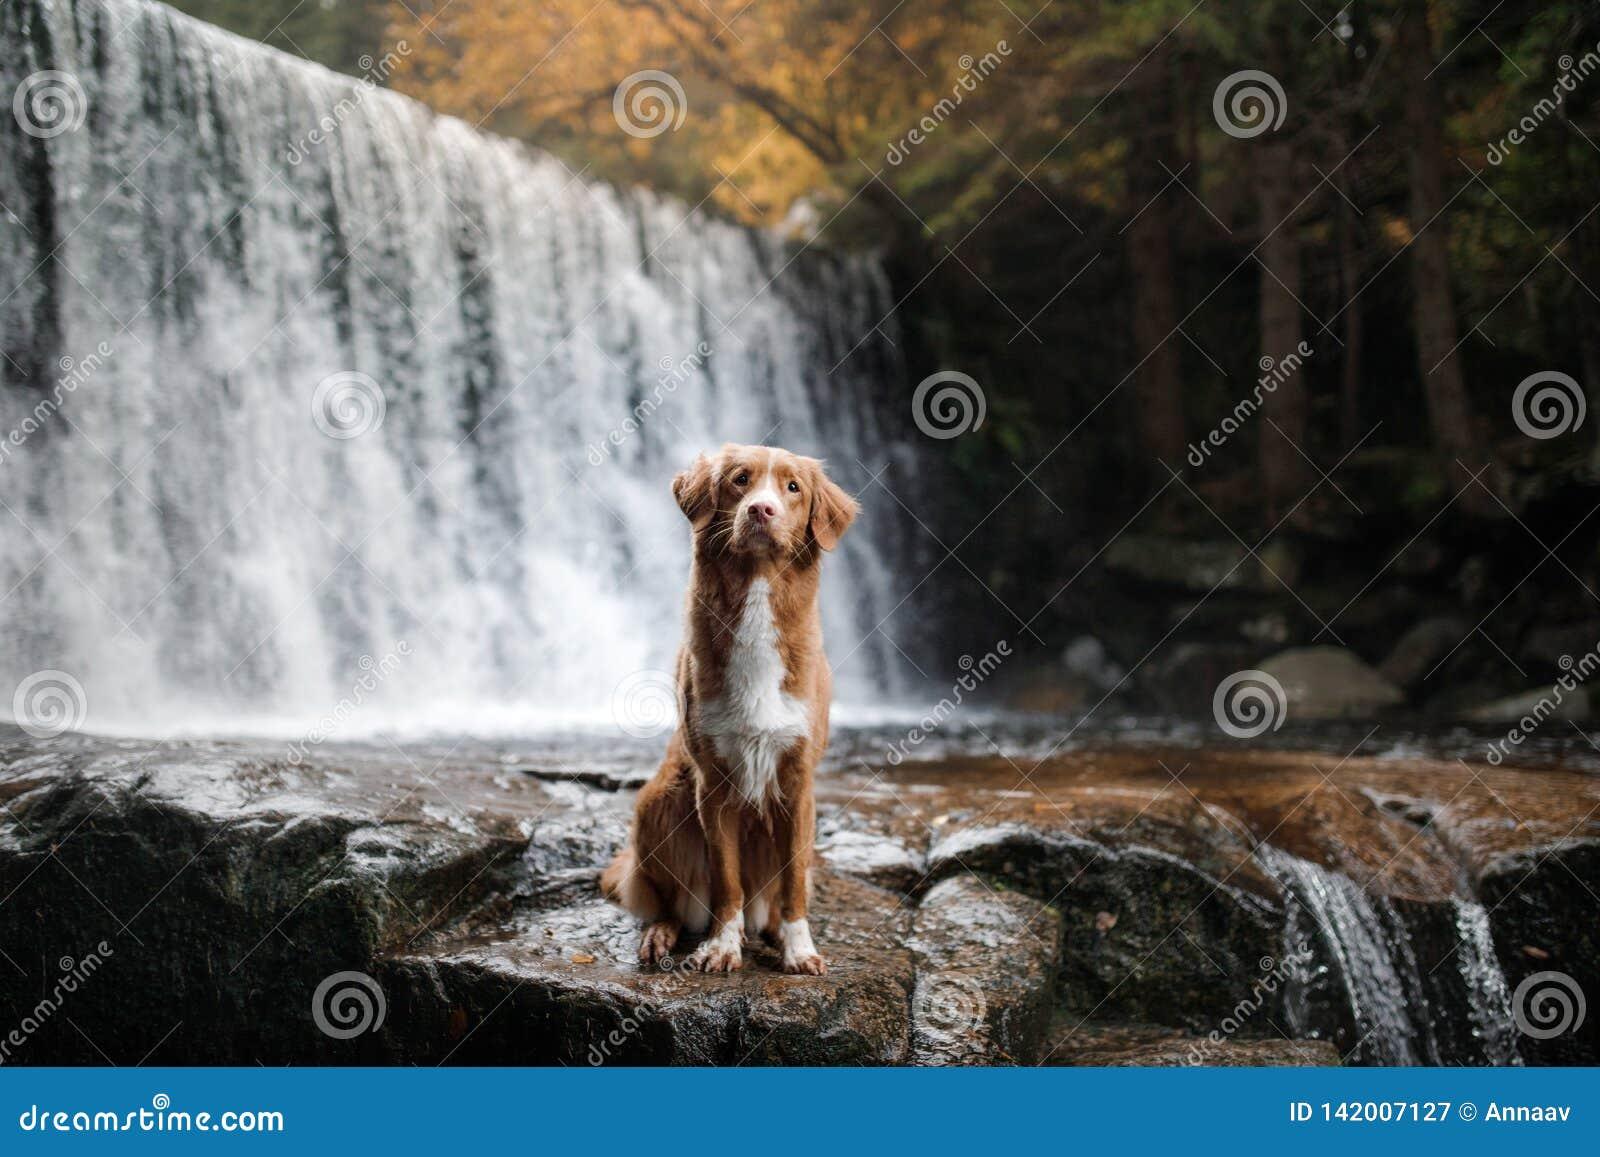 De hond bij de waterval Huisdier op aard buiten het huis Weinig profiel van de rivierhond